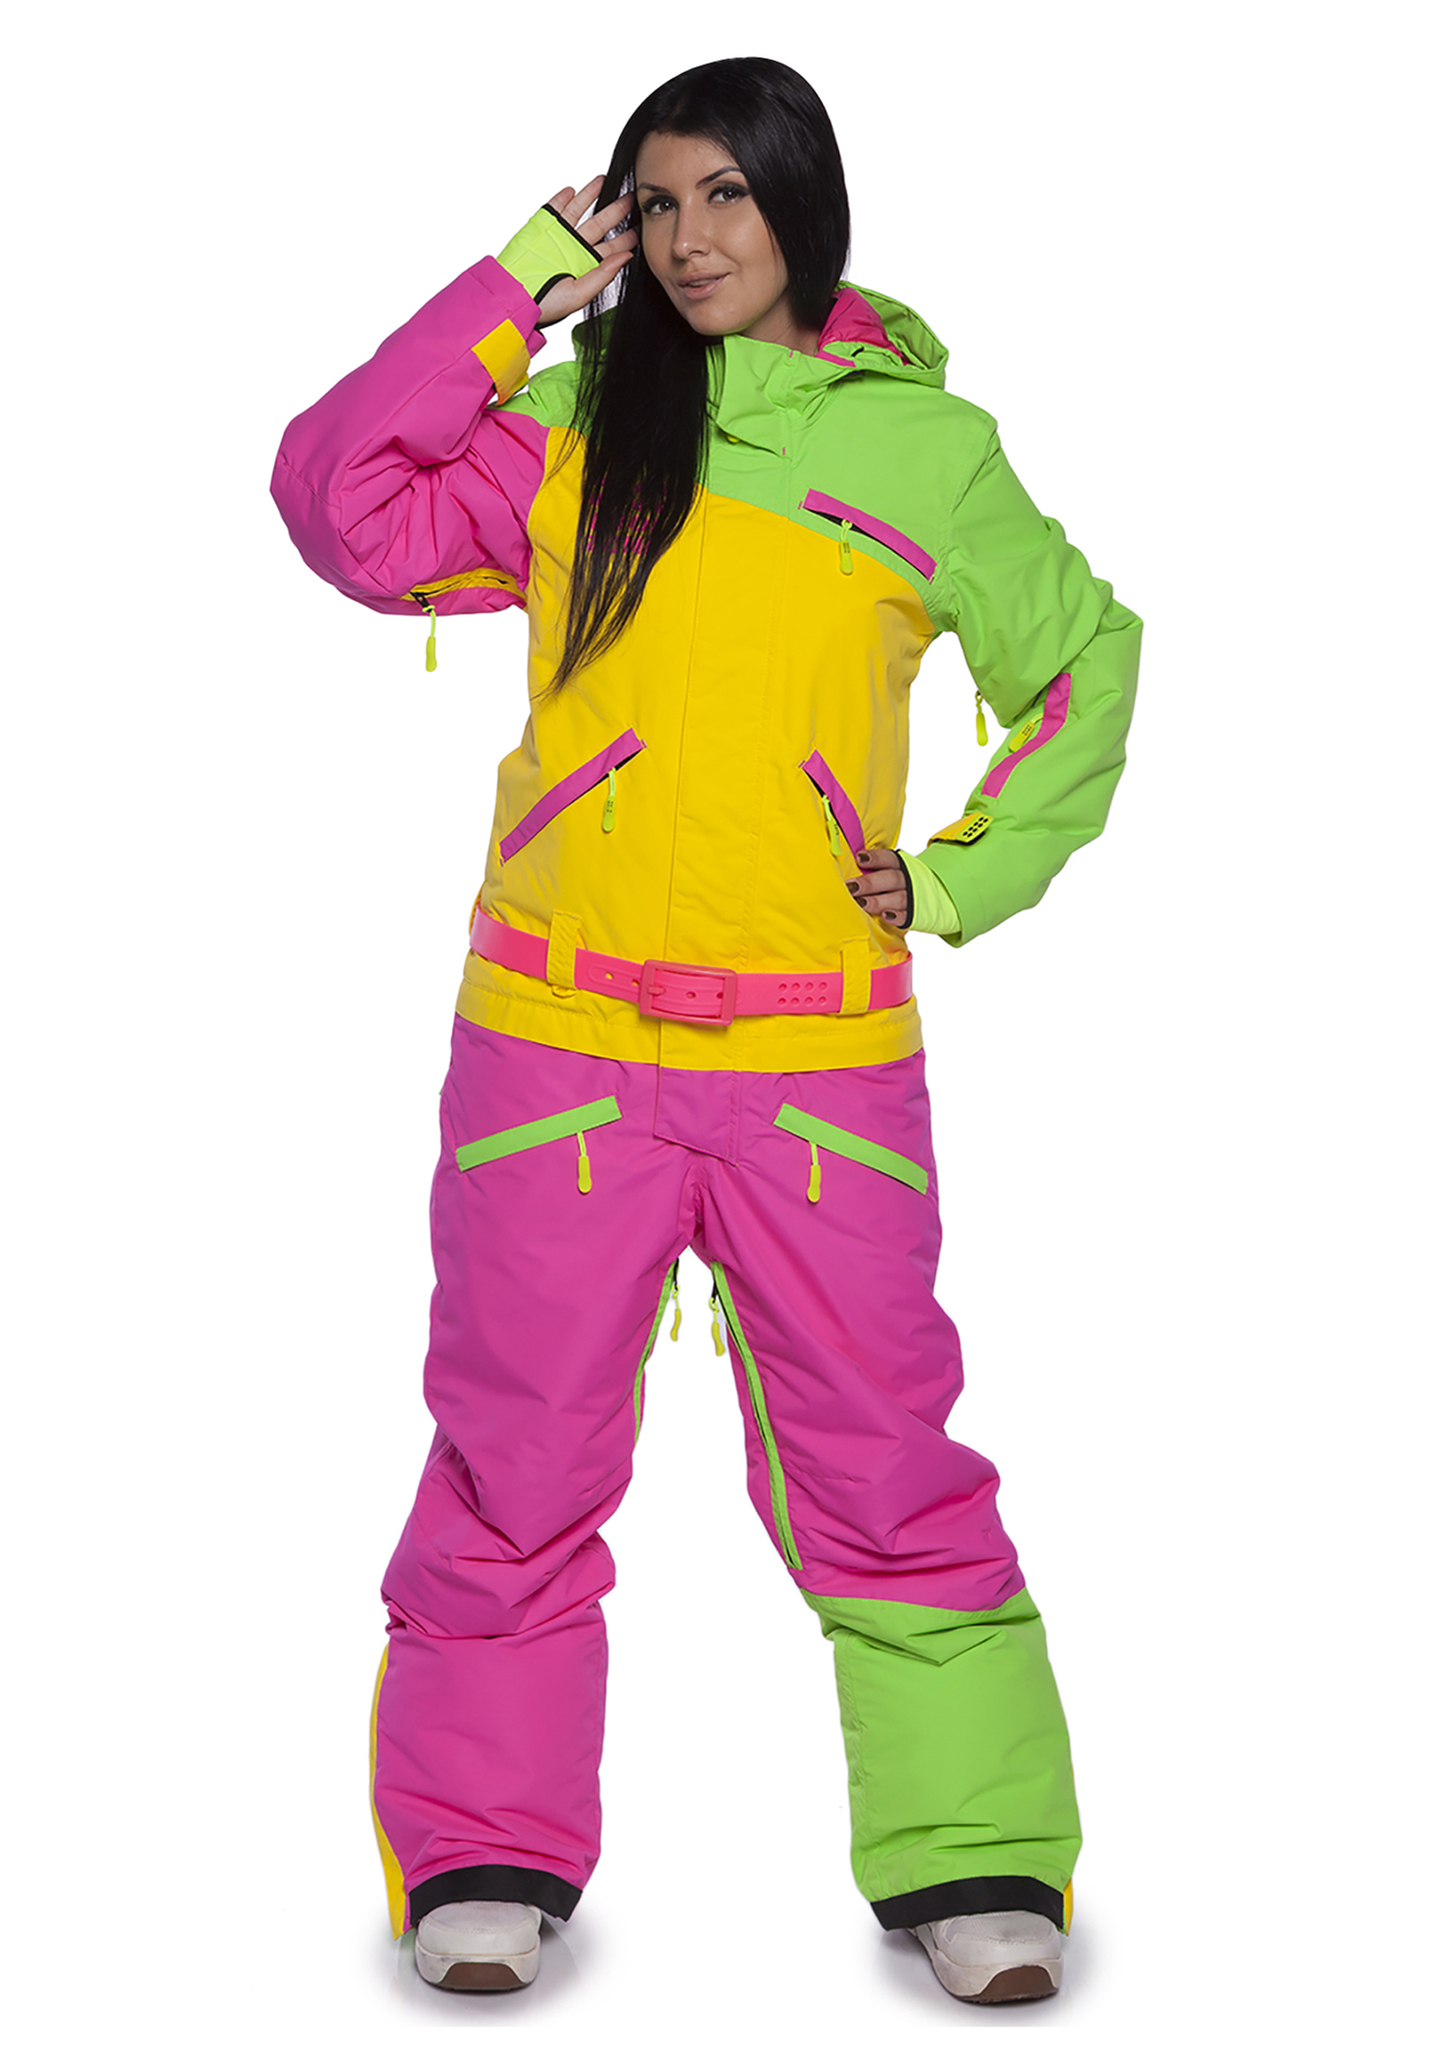 Женский комбинезон для сноуборда Cool Zone Mix 3514/10 цикломен-желтый | Интернет-магазин Five-sport.ru